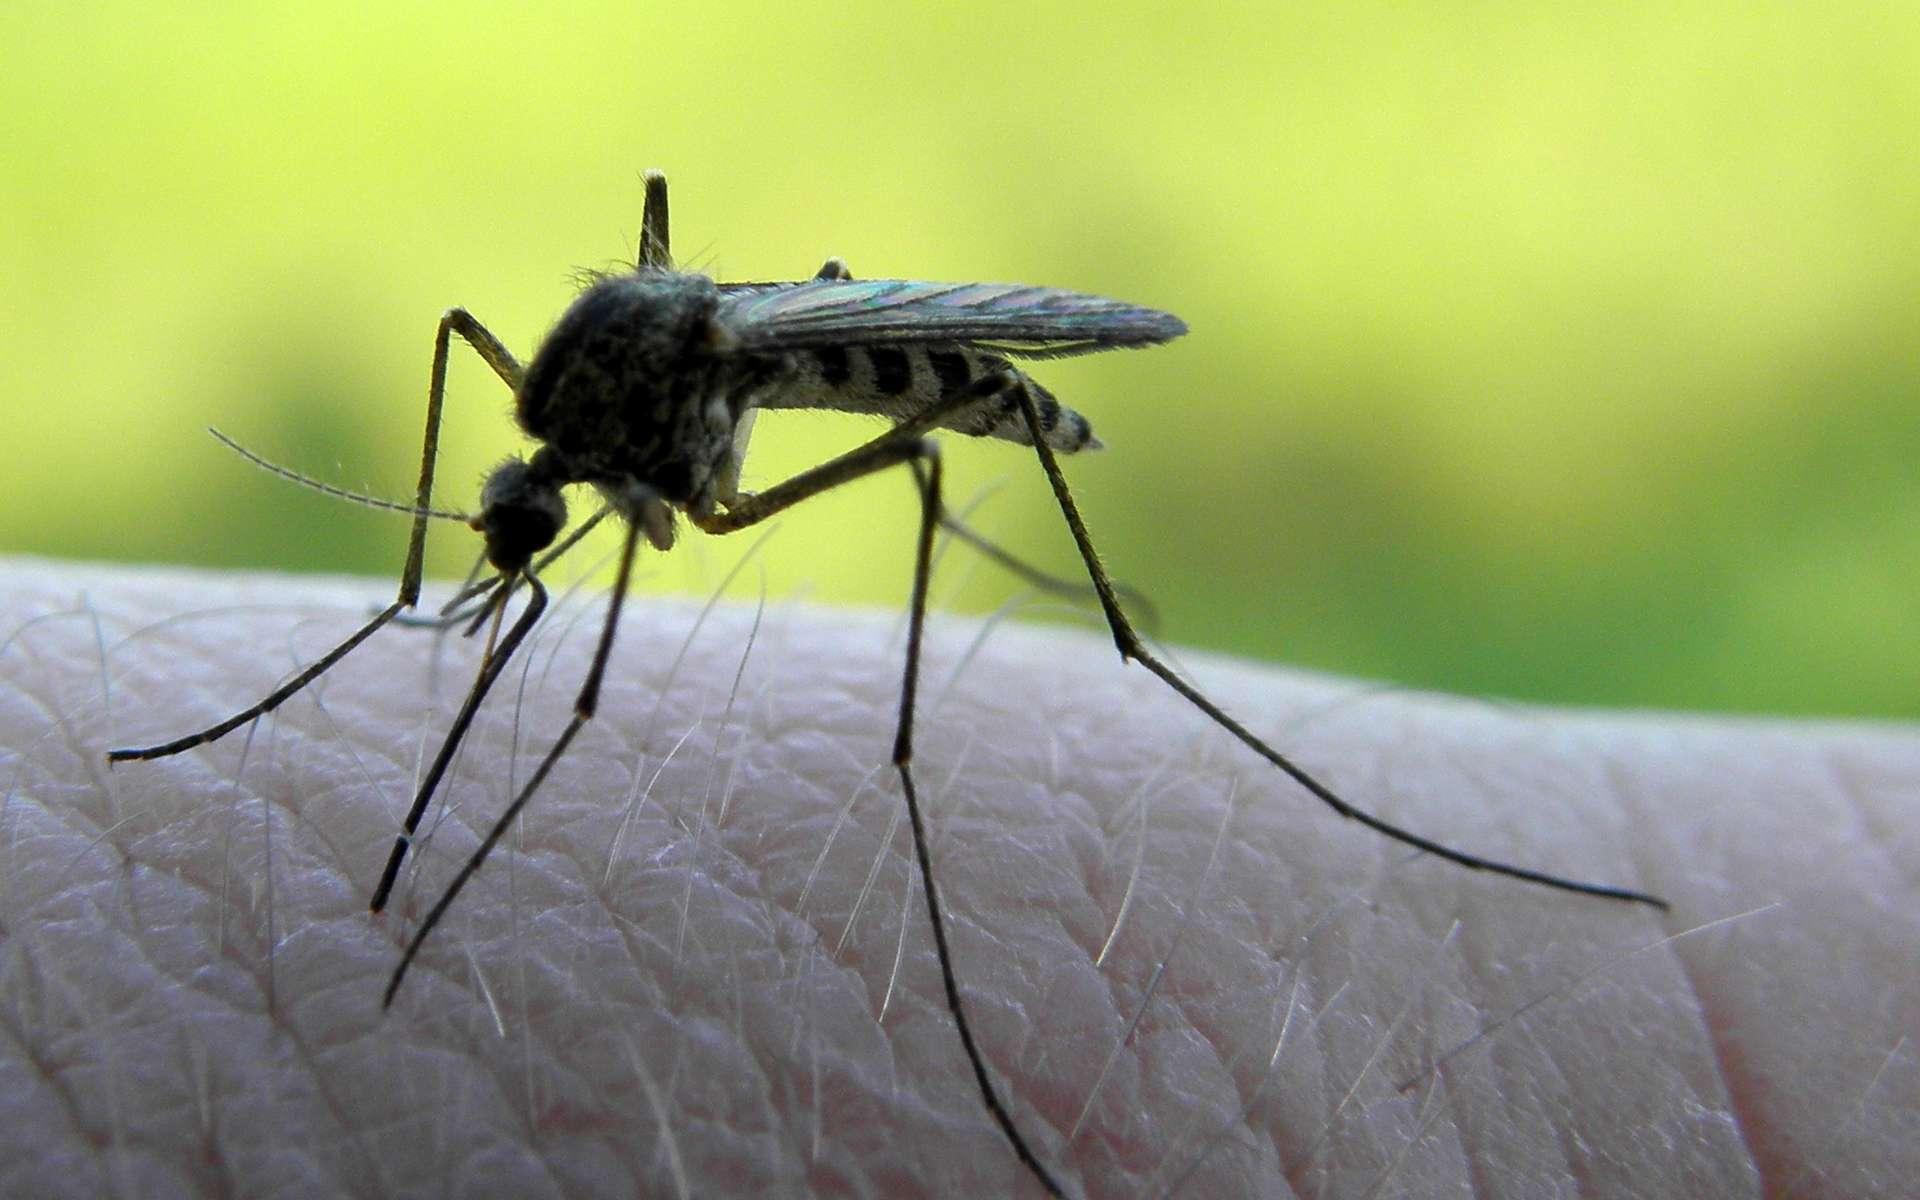 Les moustiques, qui sont des insectes, font partie des invertébrés. © Tomasz Jagliski, Flickr, cc by nc sa 3.0